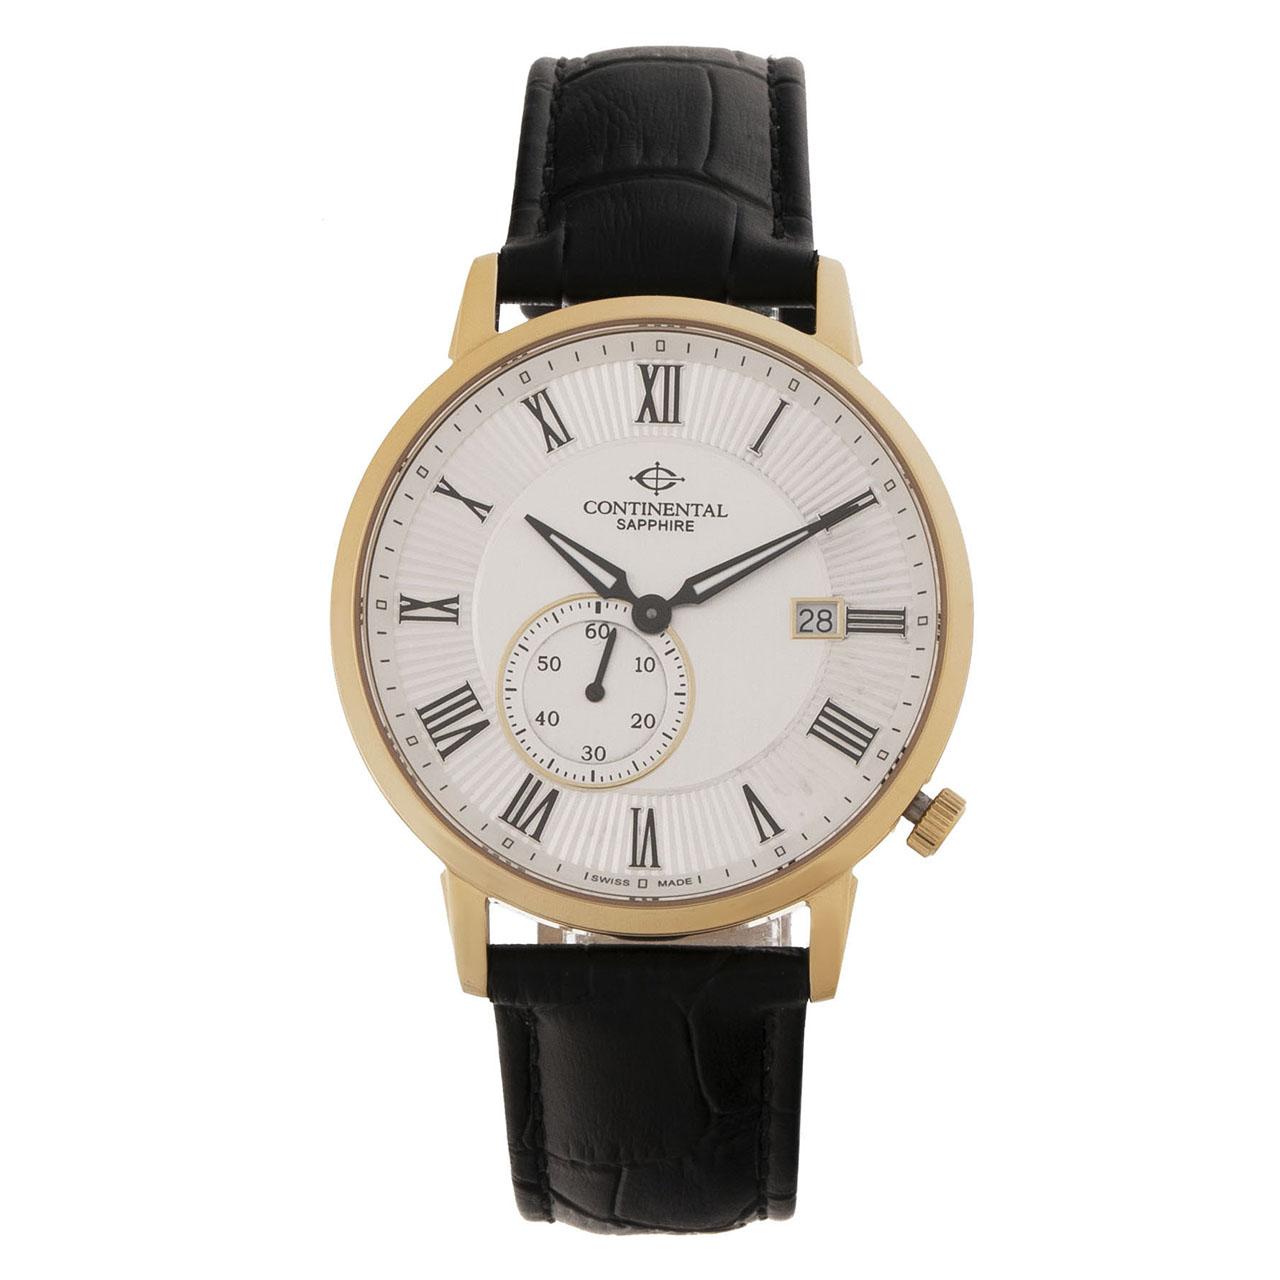 ساعت مچی عقربه ای مردانه کنتیننتال مدل 16203-G157 54